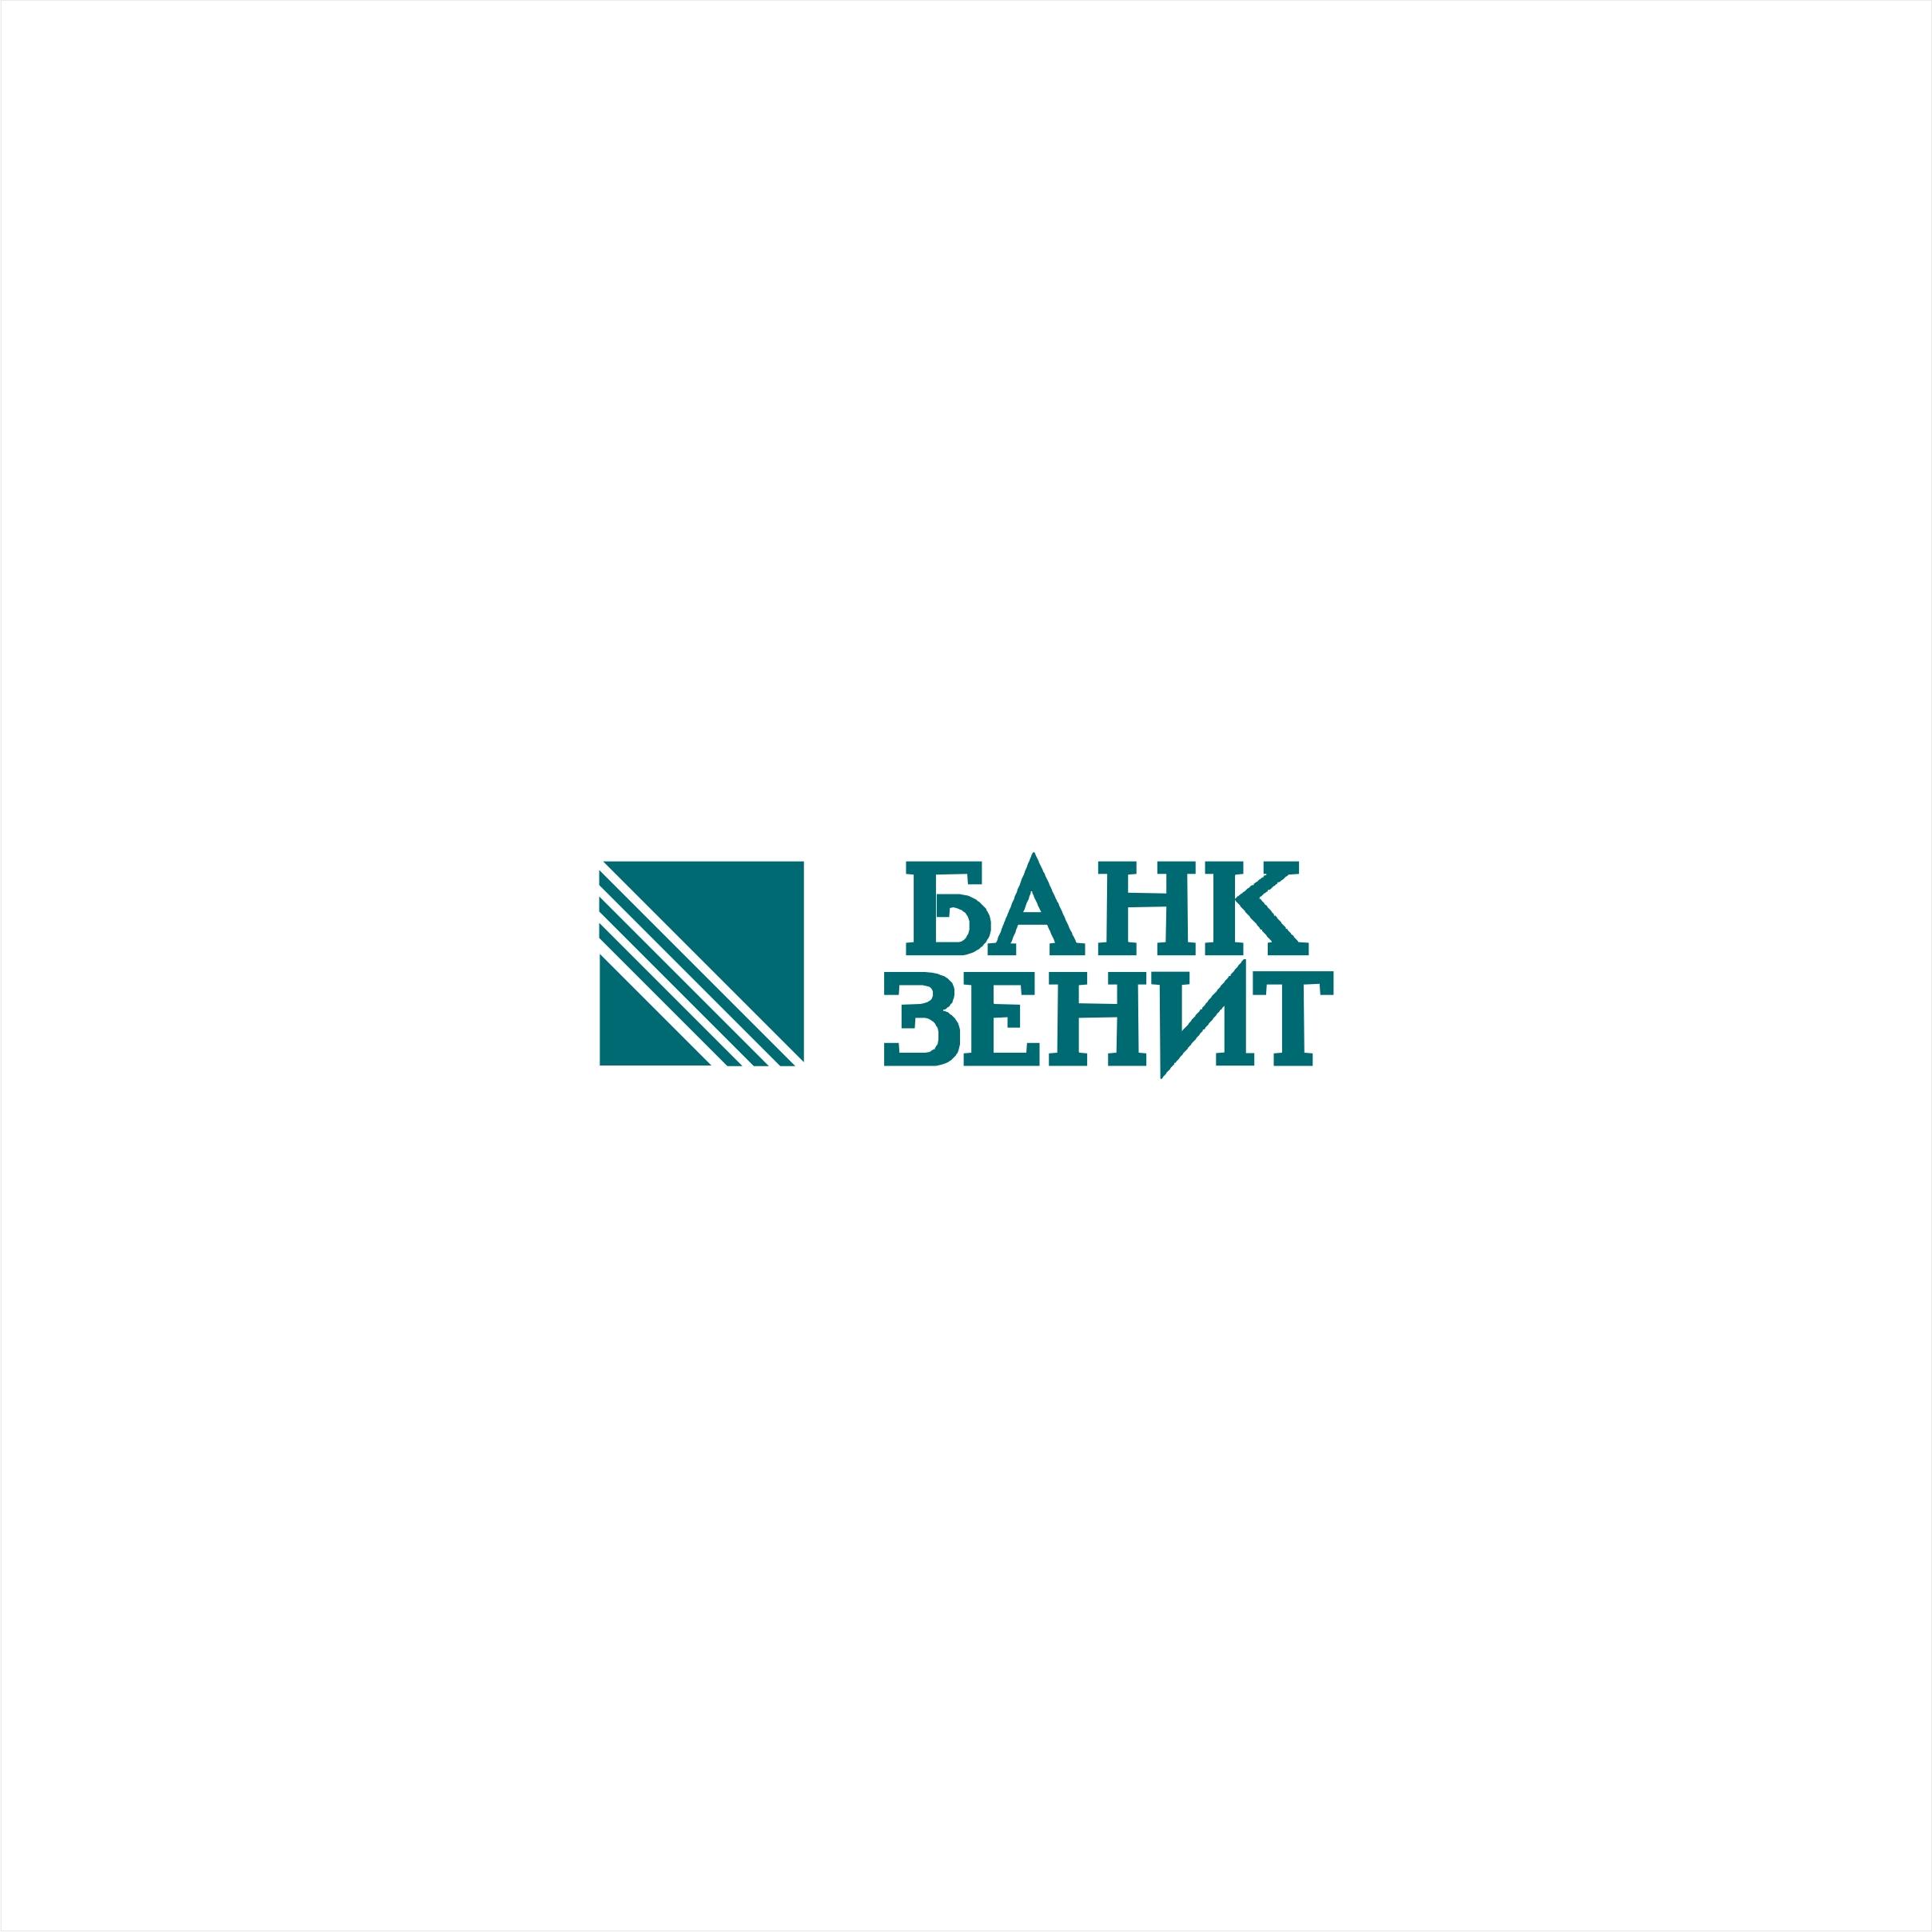 Разработка логотипа для Банка ЗЕНИТ фото f_8755b489e53a366f.jpg